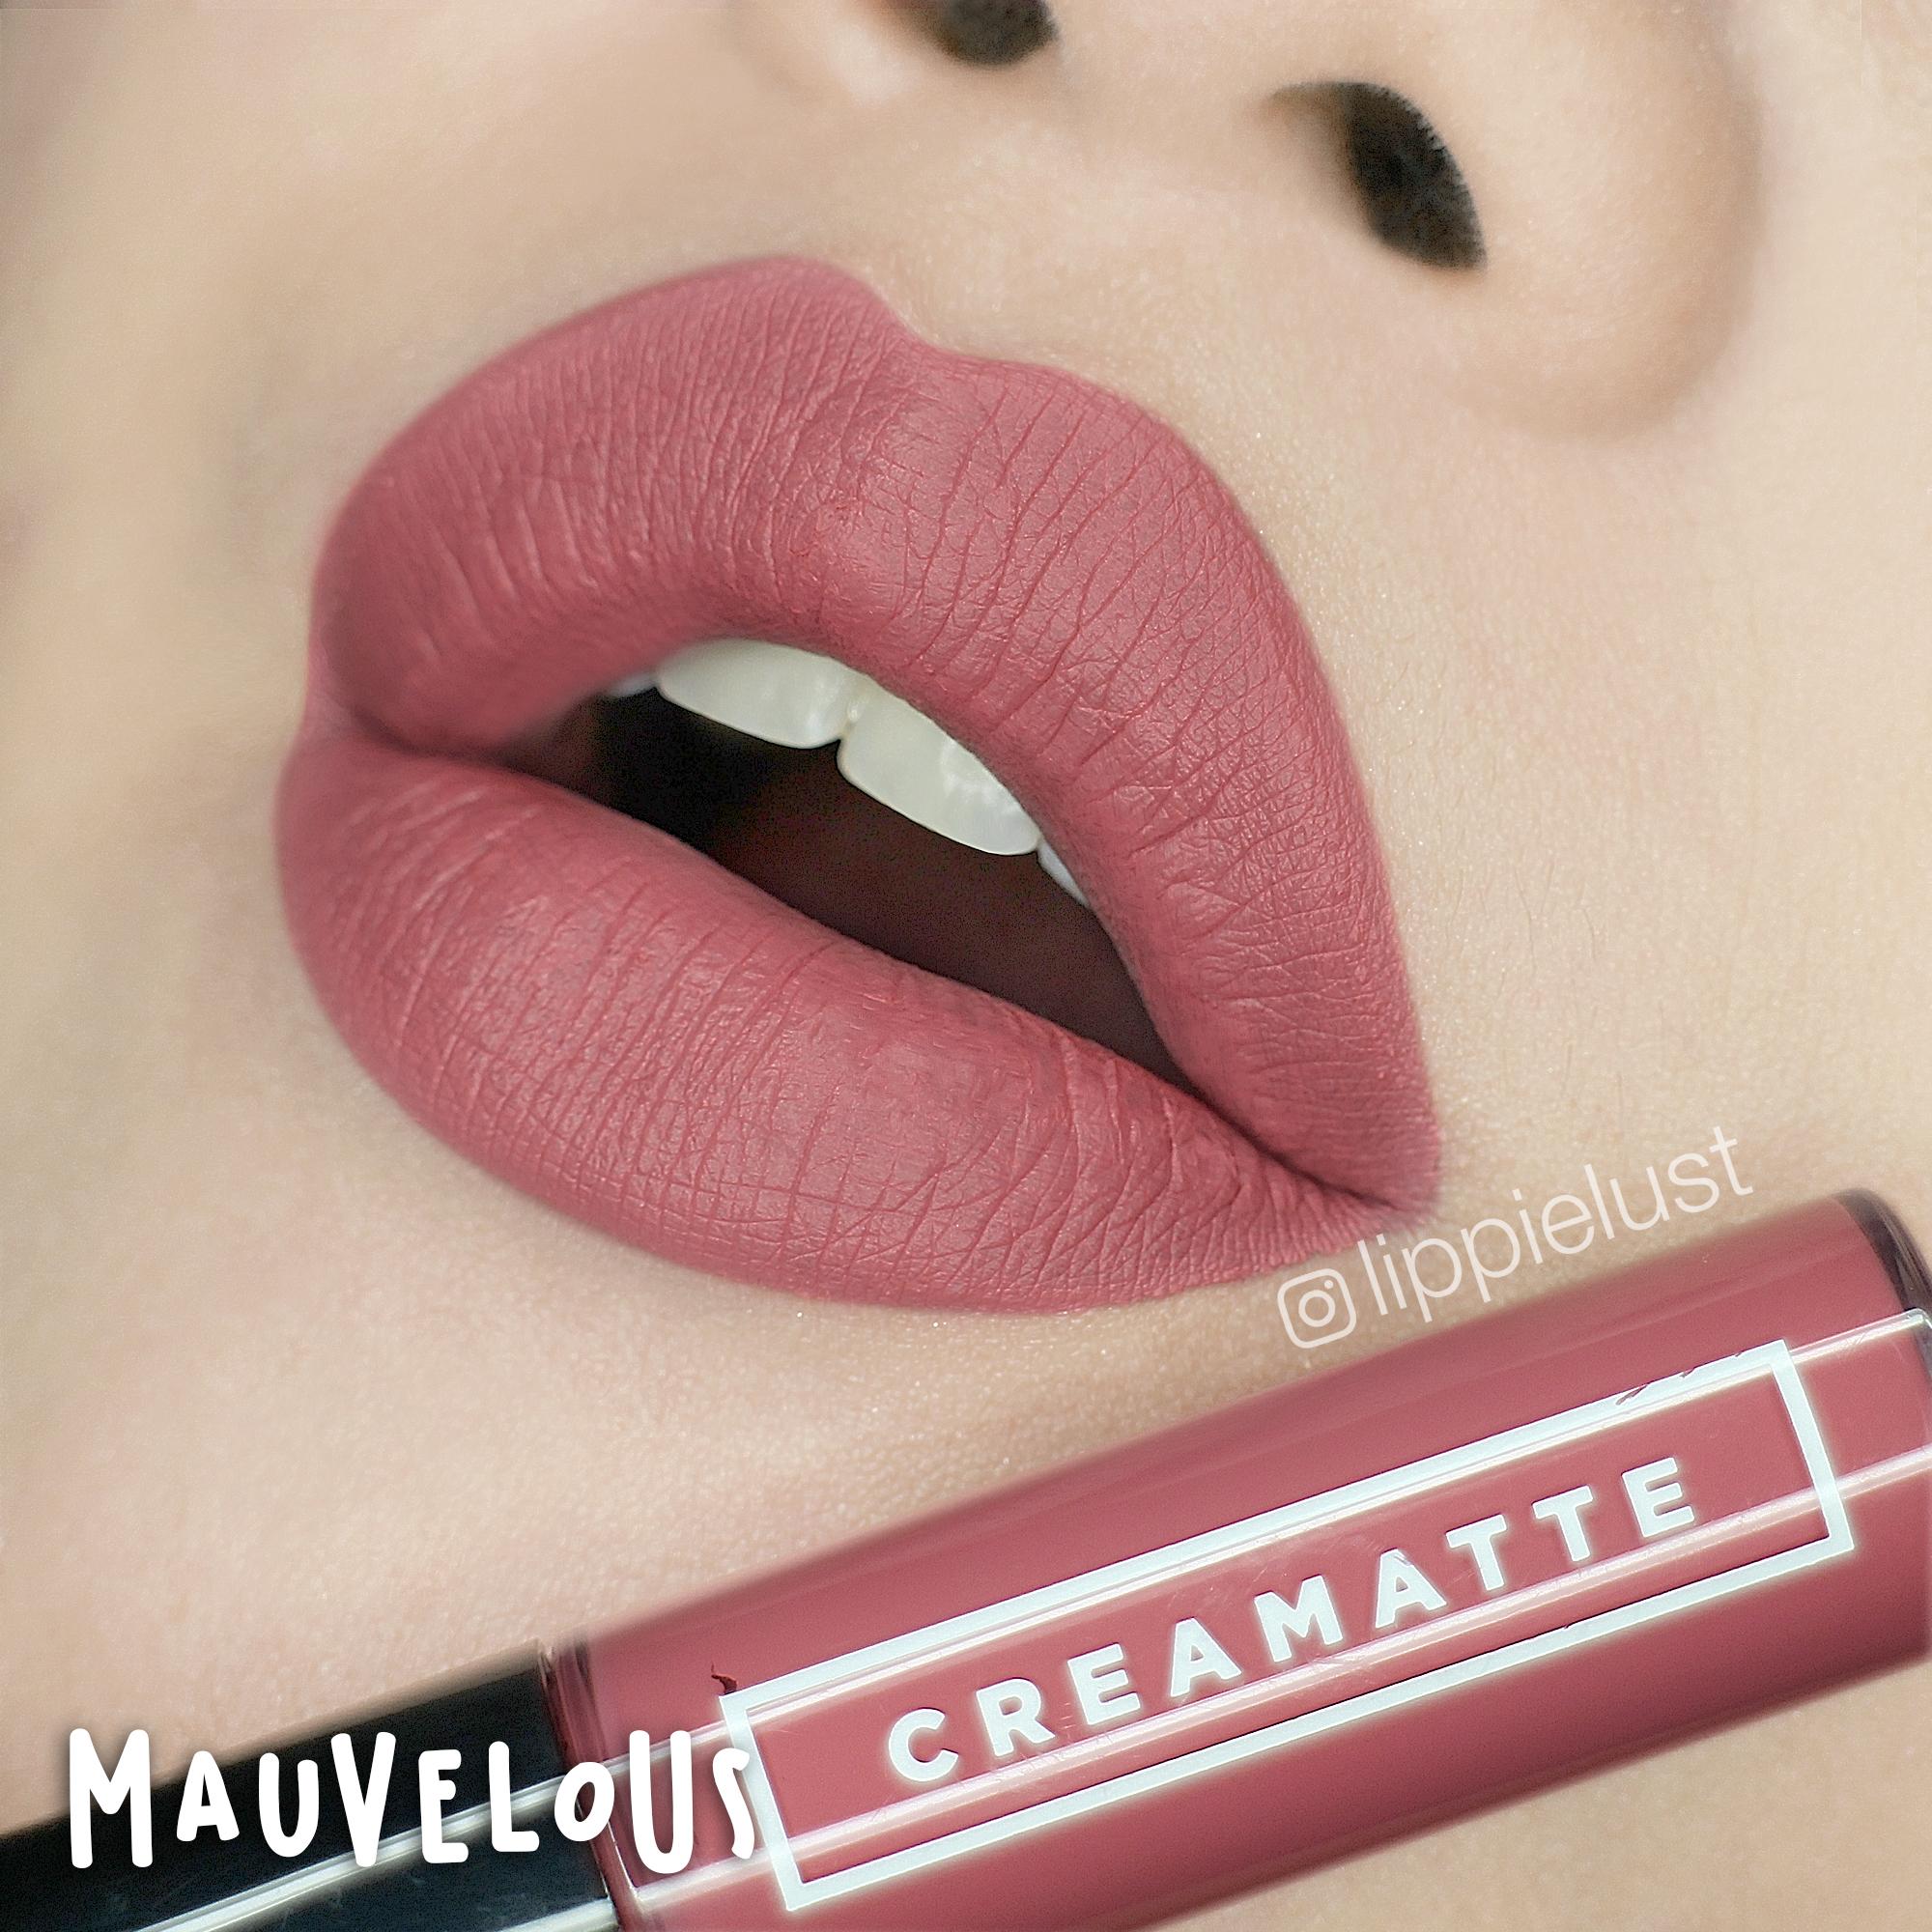 [SWATCHED] Emina Creamatte Lip Cream – LIPPIELUST